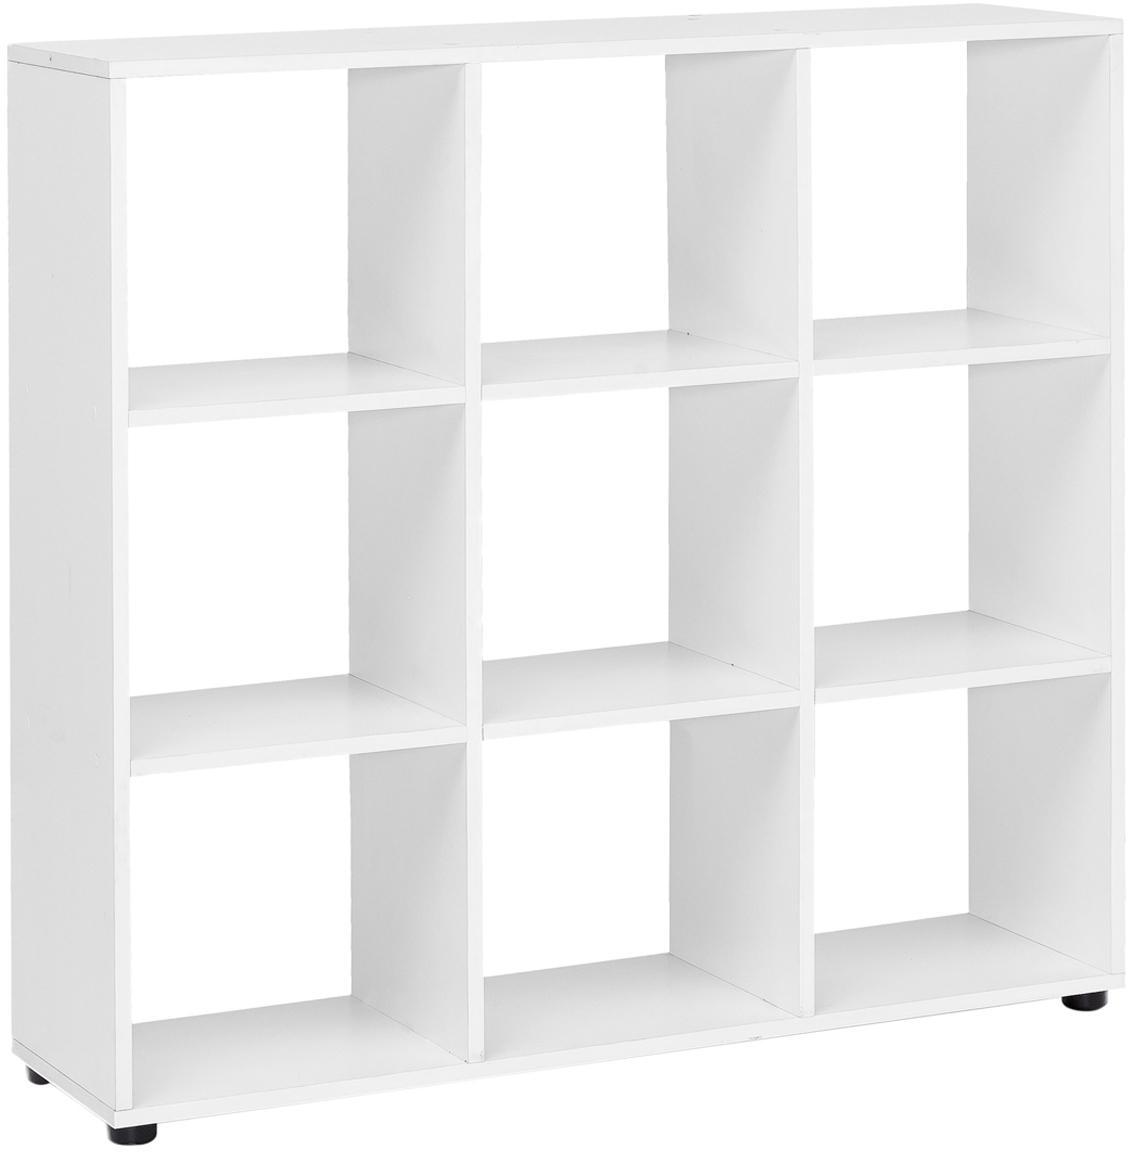 Modernes Standregal Zara in Weiß Matt, Spanplatte, melaminbeschichtet, Weiß, Schwarz, 108 x 104 cm